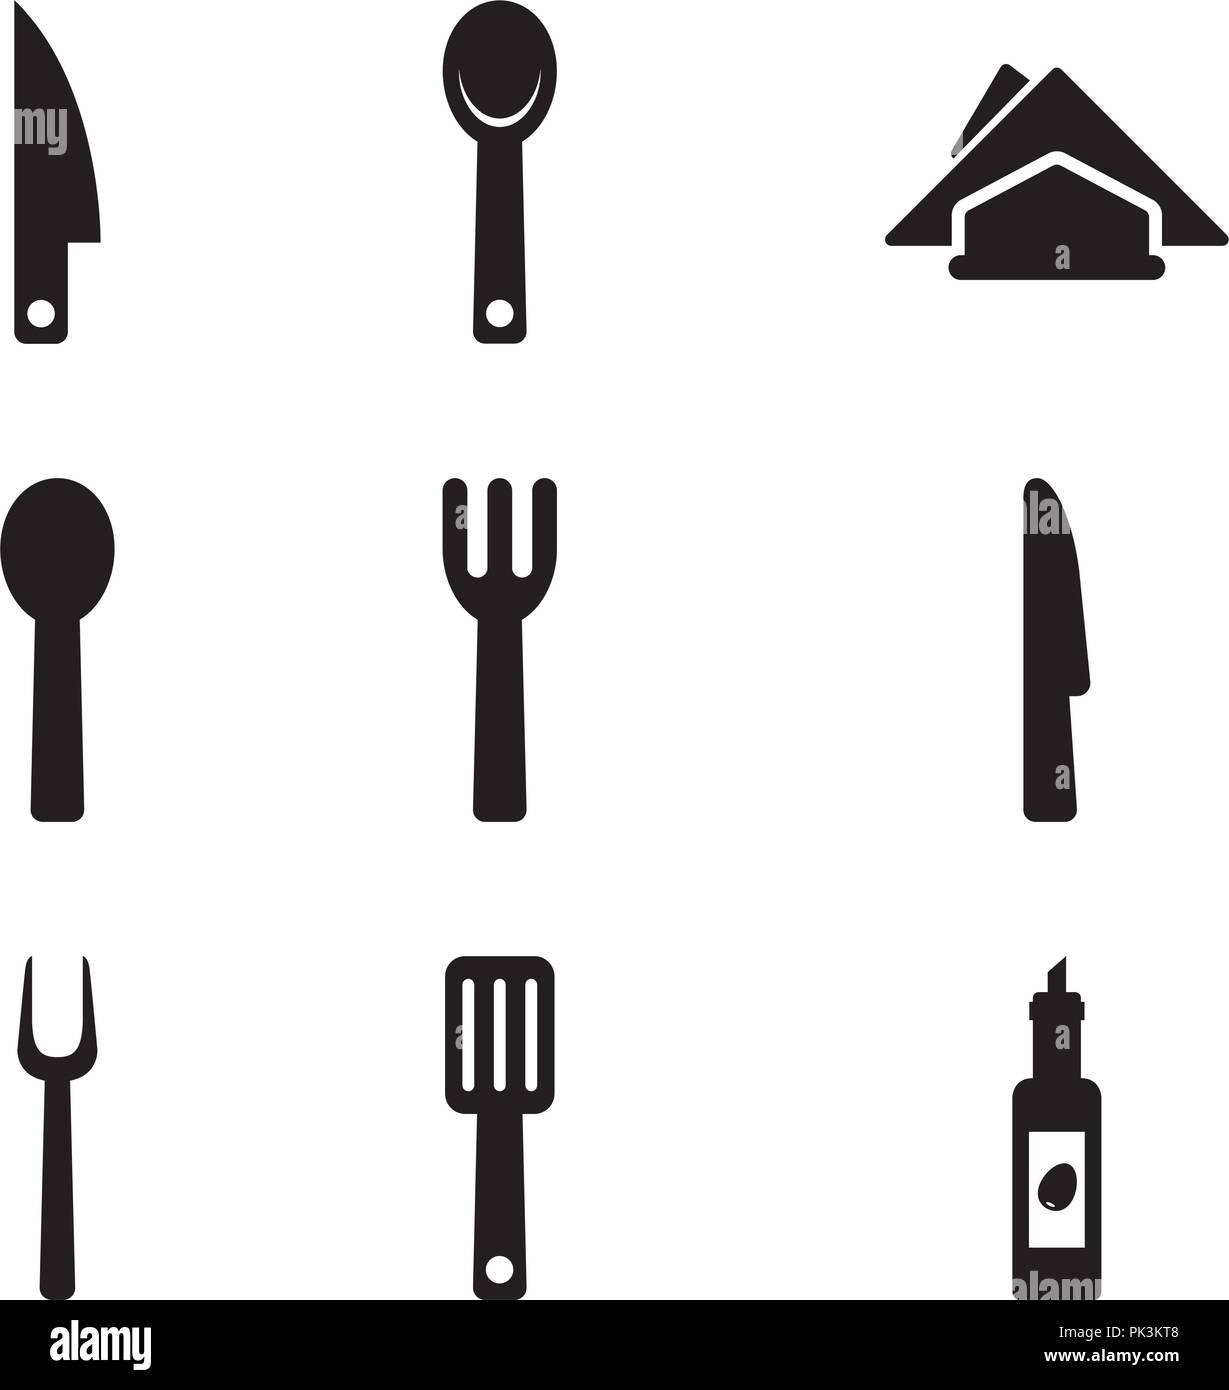 Basic Kitchen Utensils 01 - Stock Vector